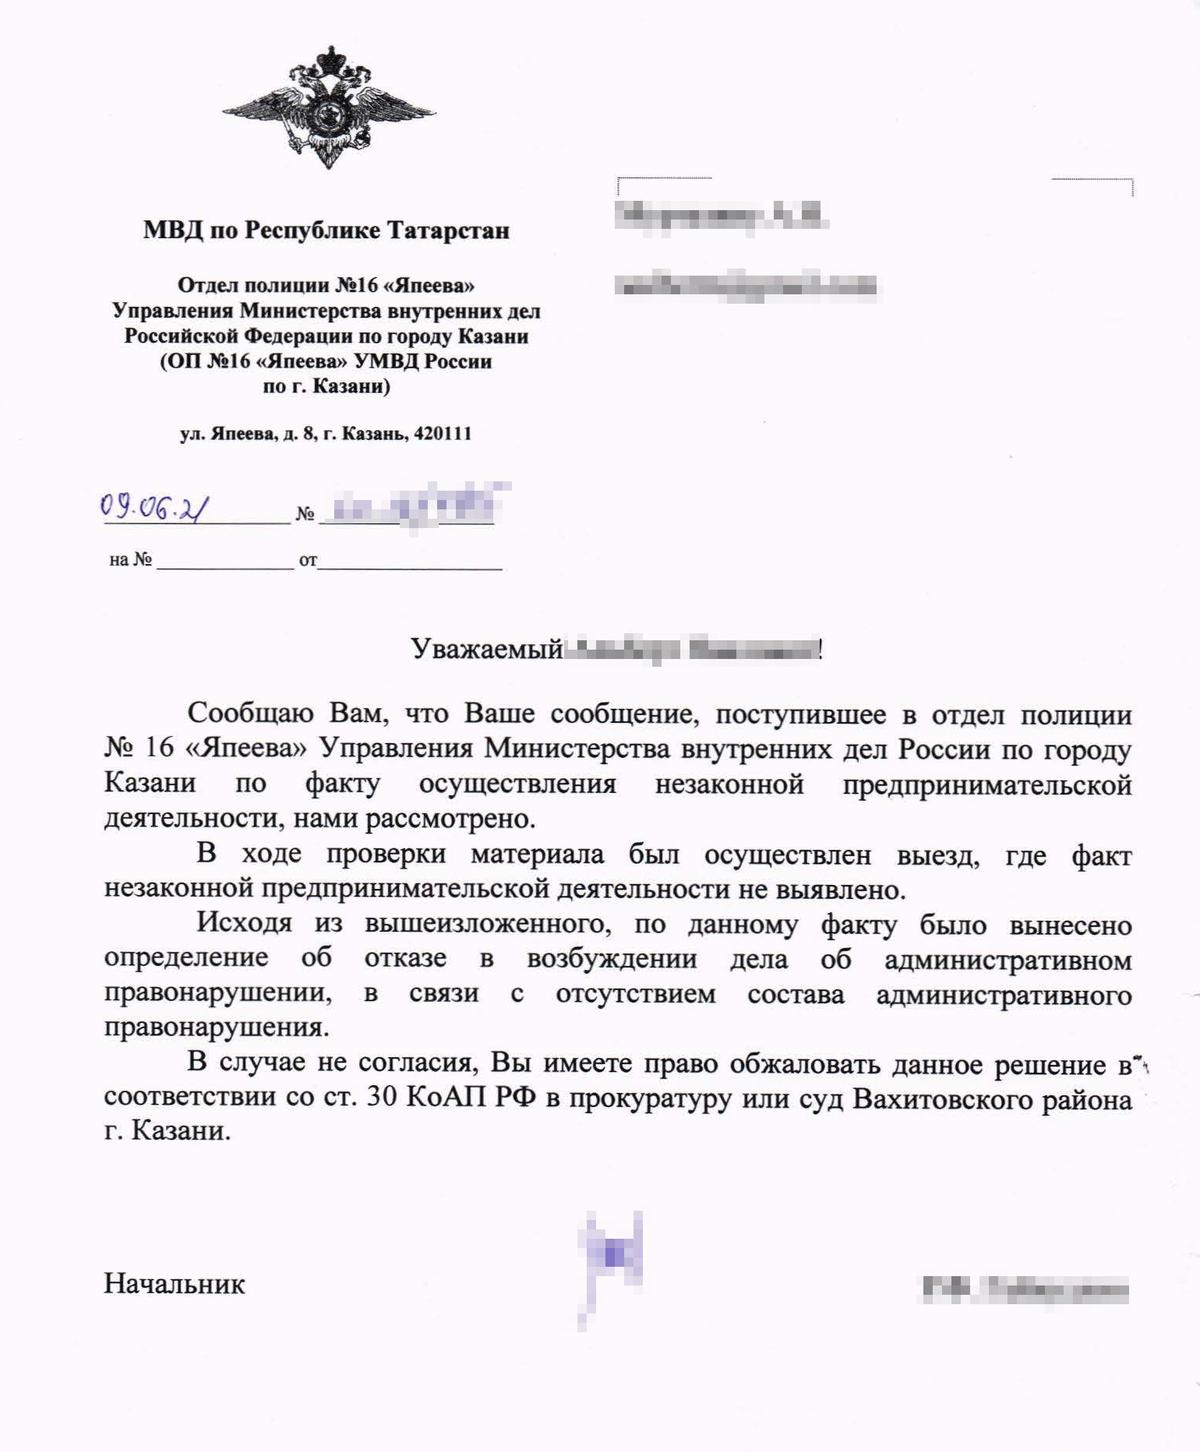 Письмо от отдела полиции № 16 УМВД России по городу Казани: нет состава административного правонарушения — нет дела